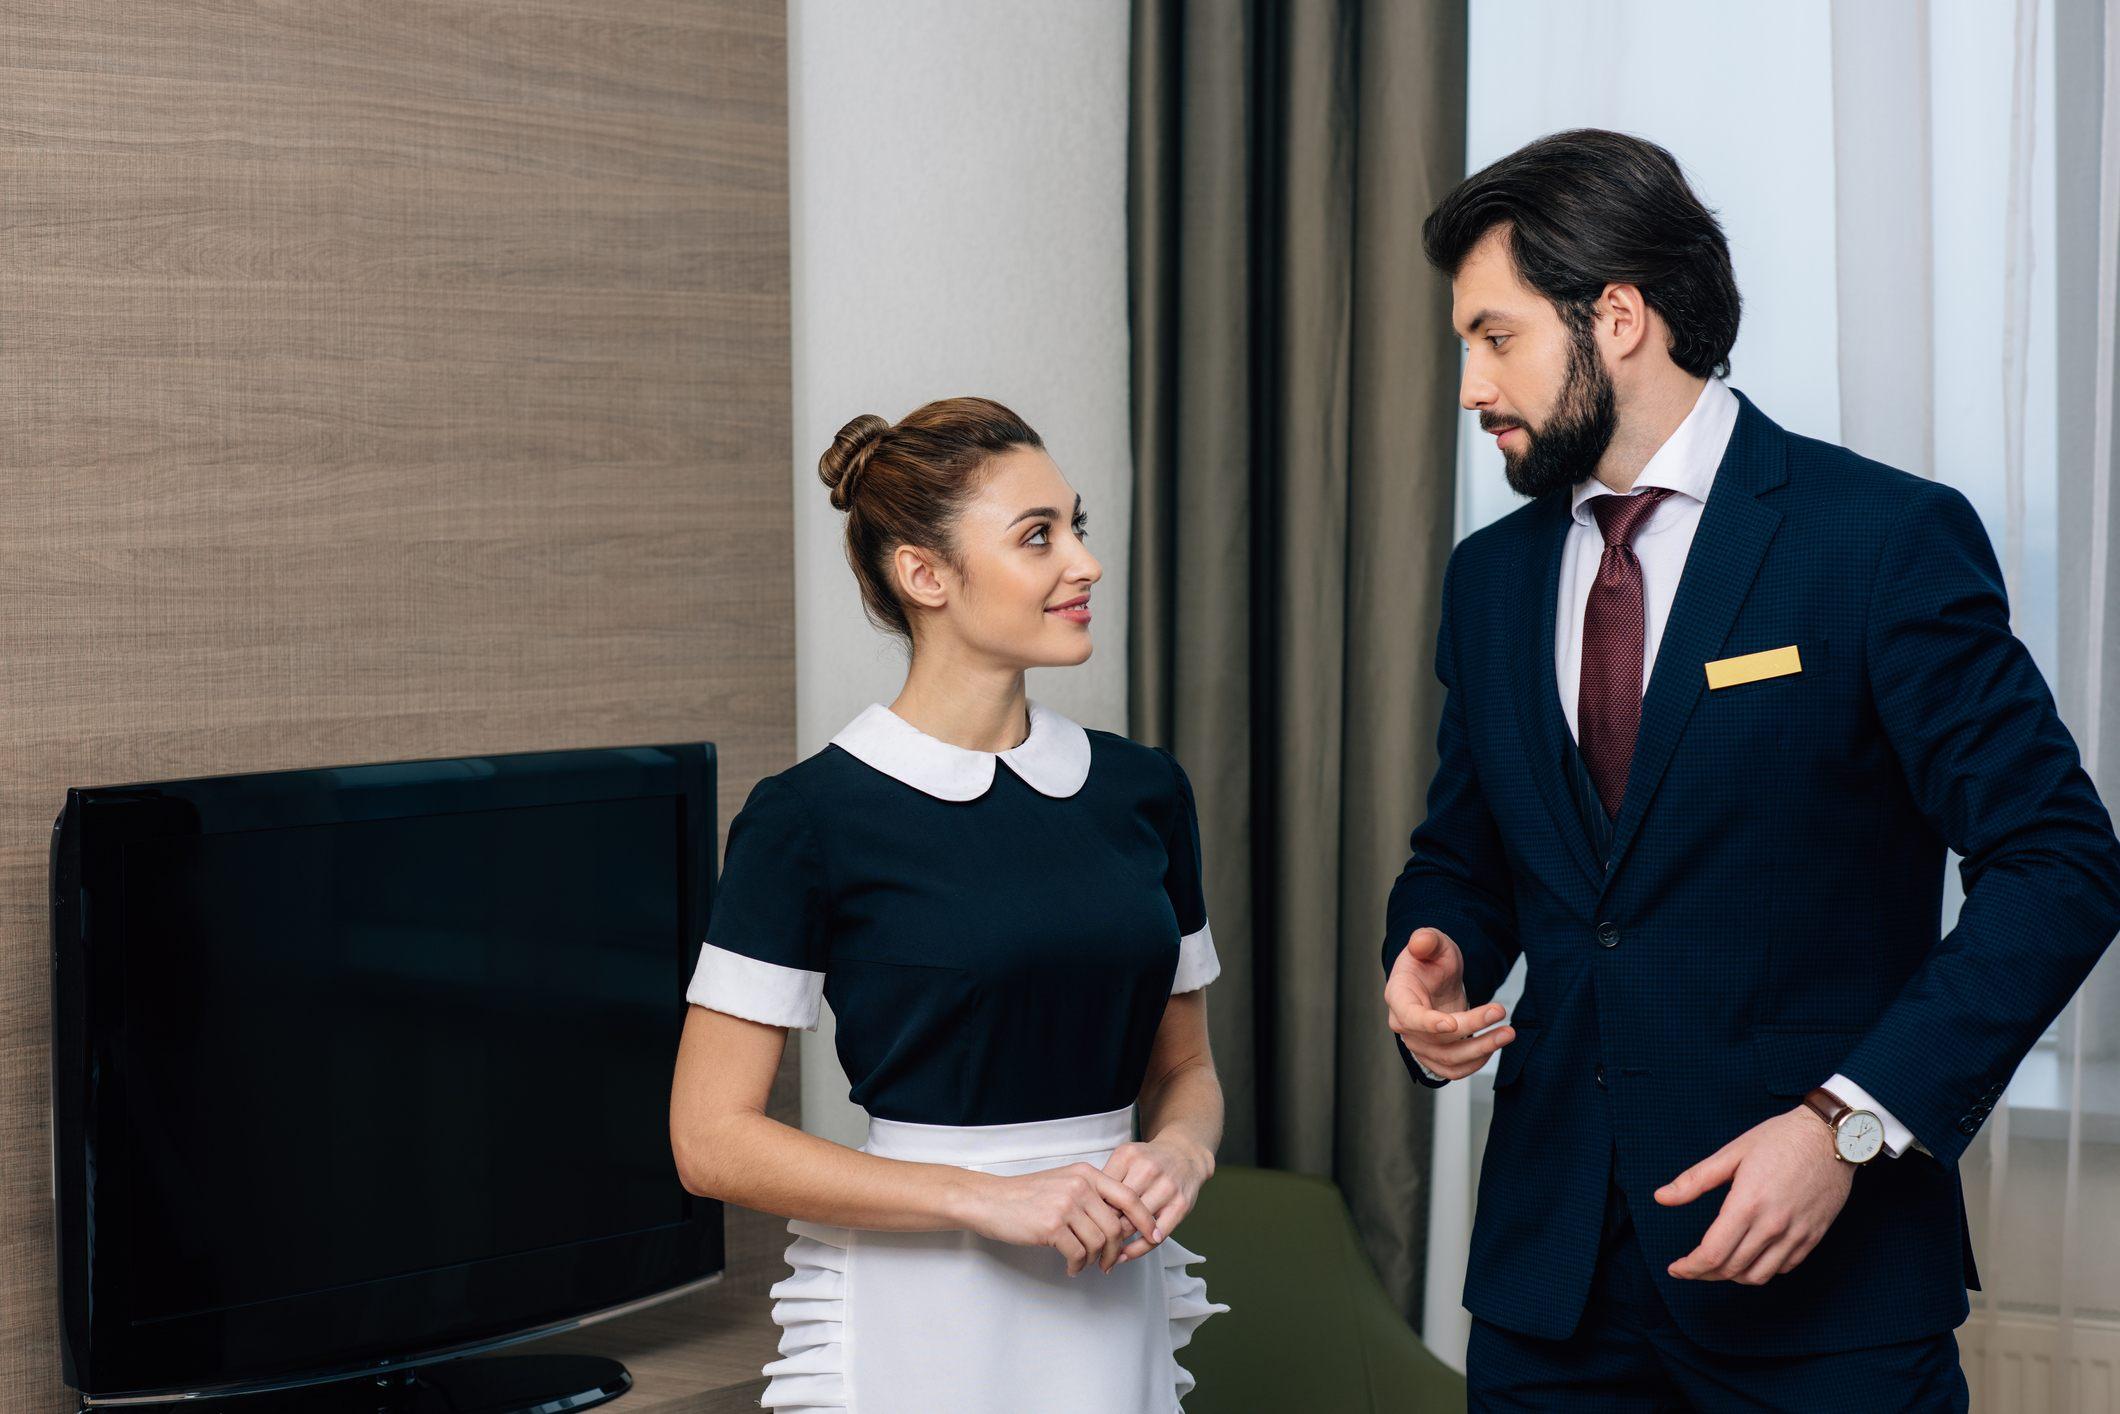 Hotel staff talking